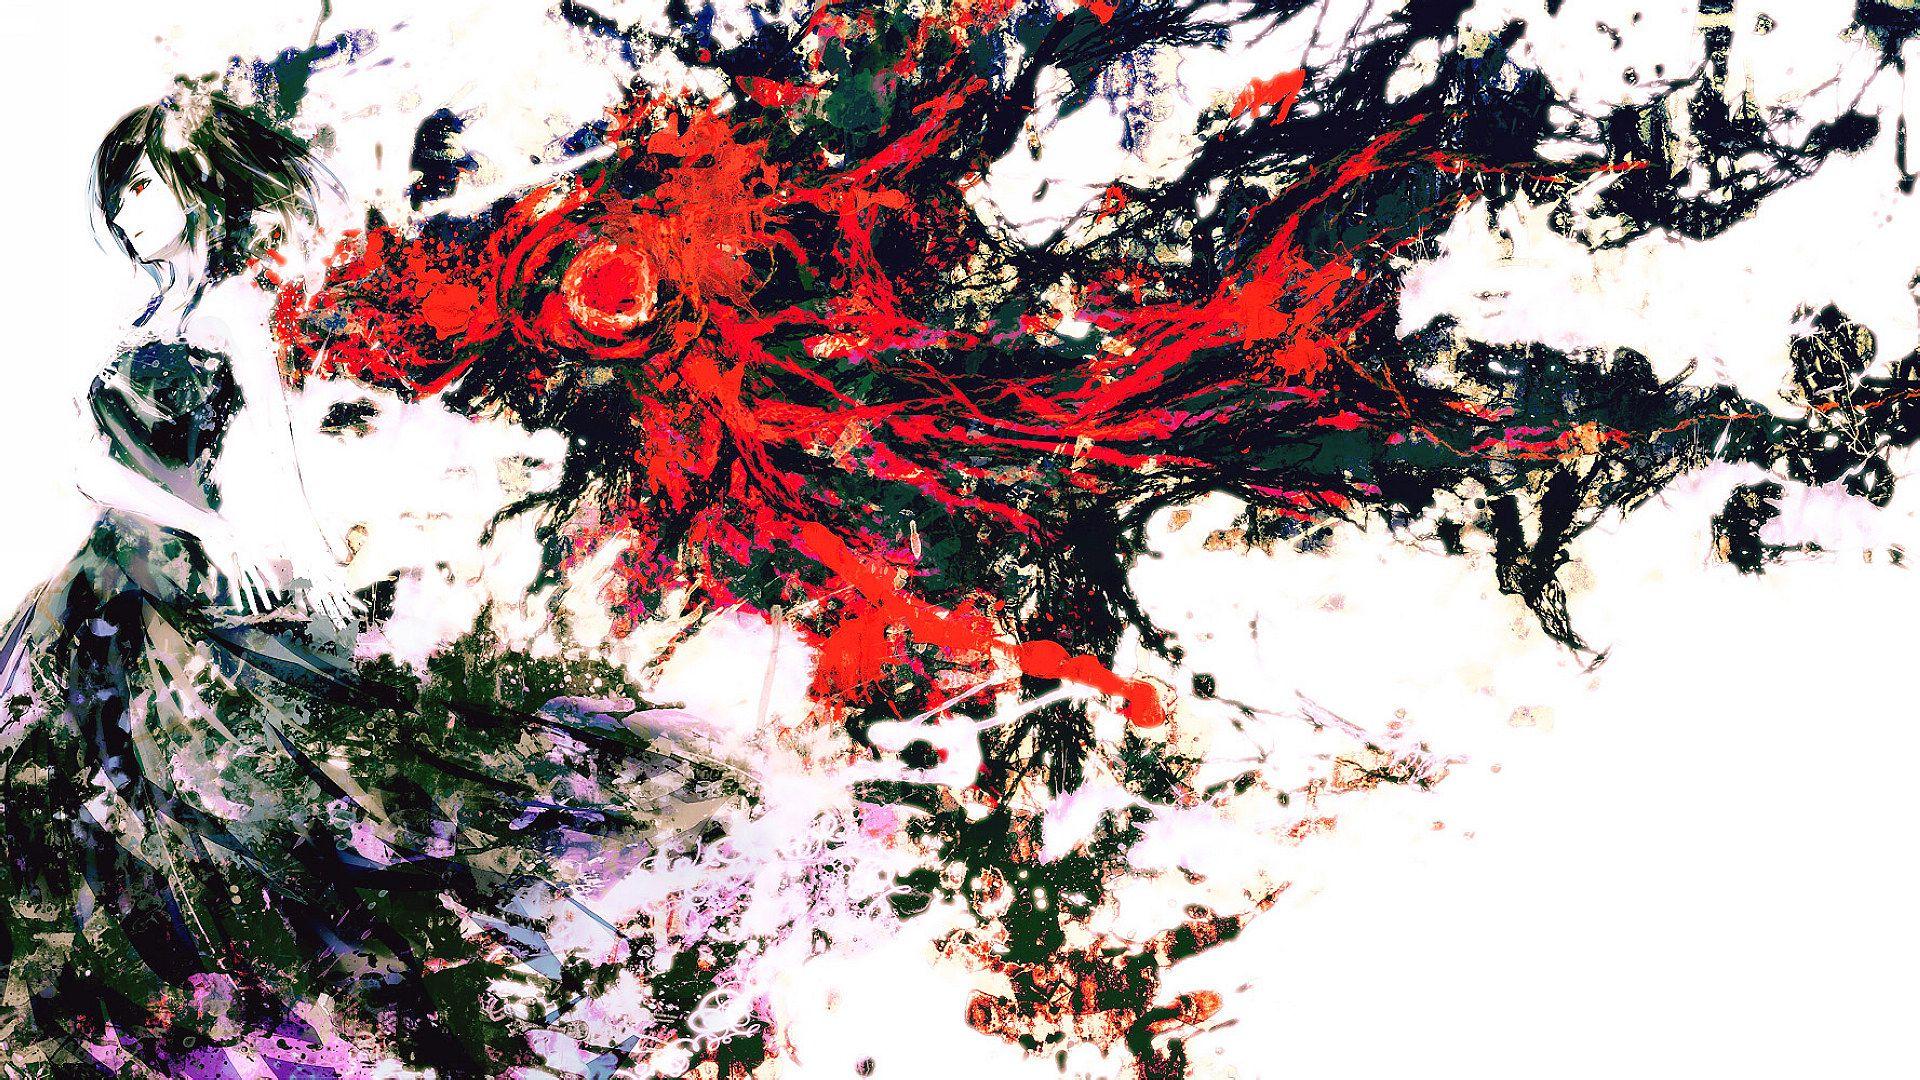 东京食种董香壁纸图集 东京喰尸鬼董香壁纸 东京喰种之董香壁纸图片